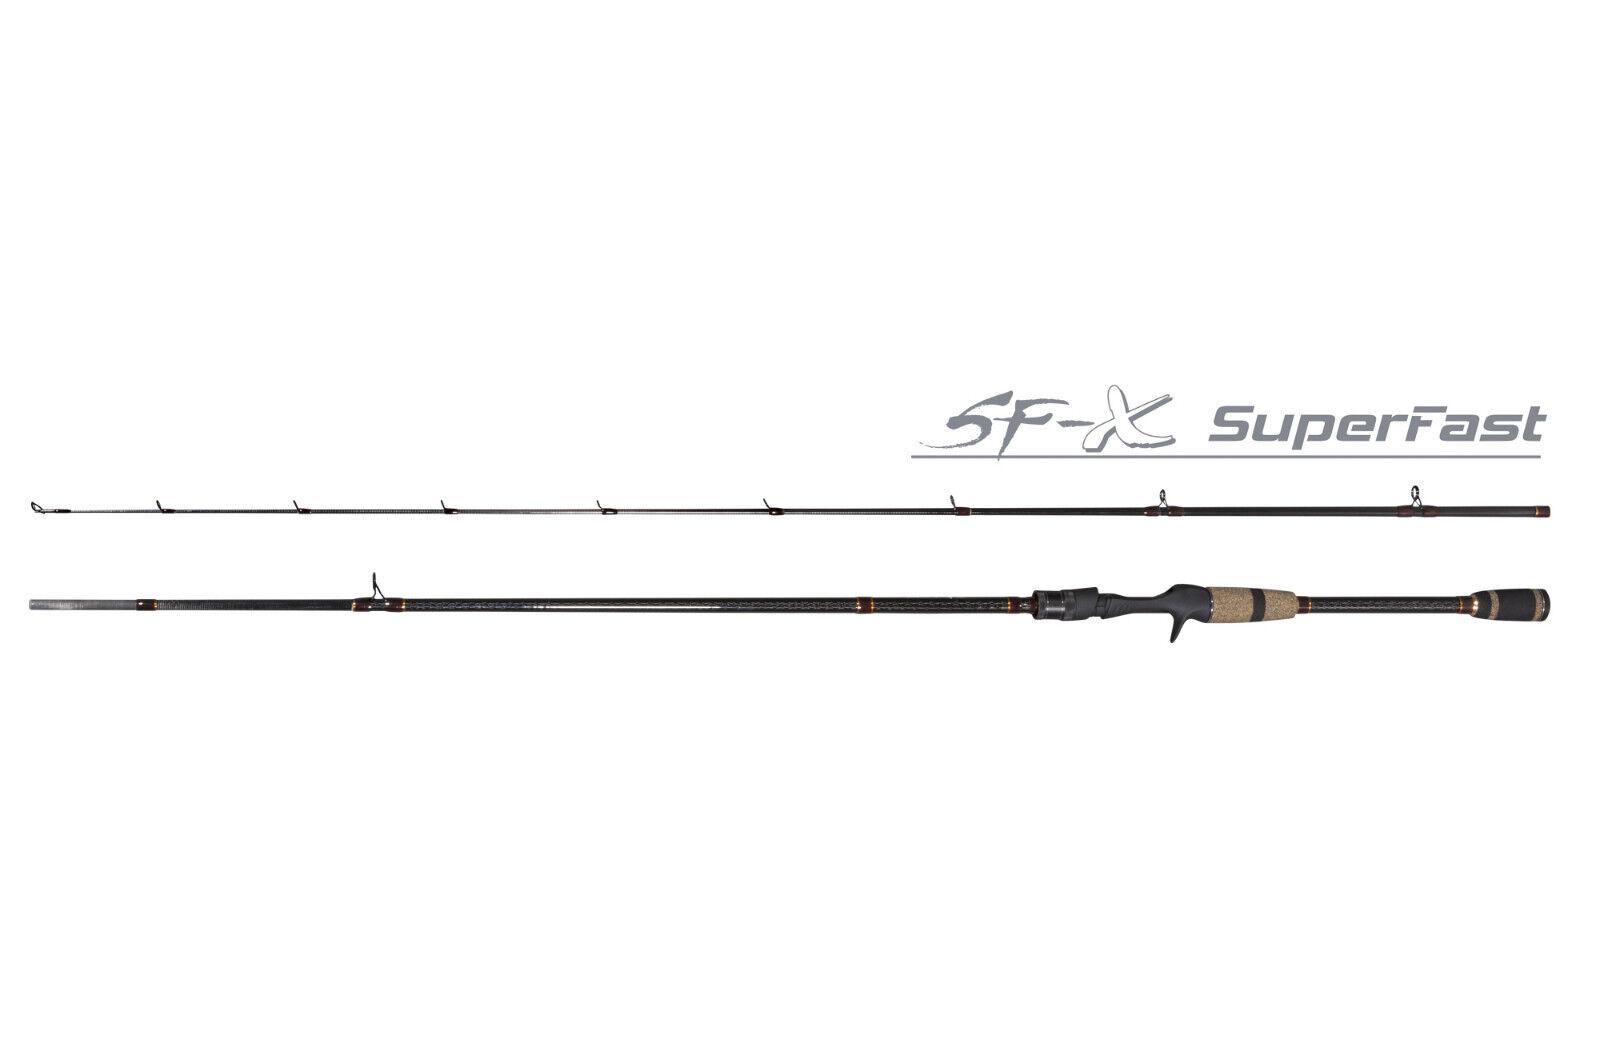 Dragon CXT Cast SuperFast SFX 1,92m  2,13m 2Section Casting Rod